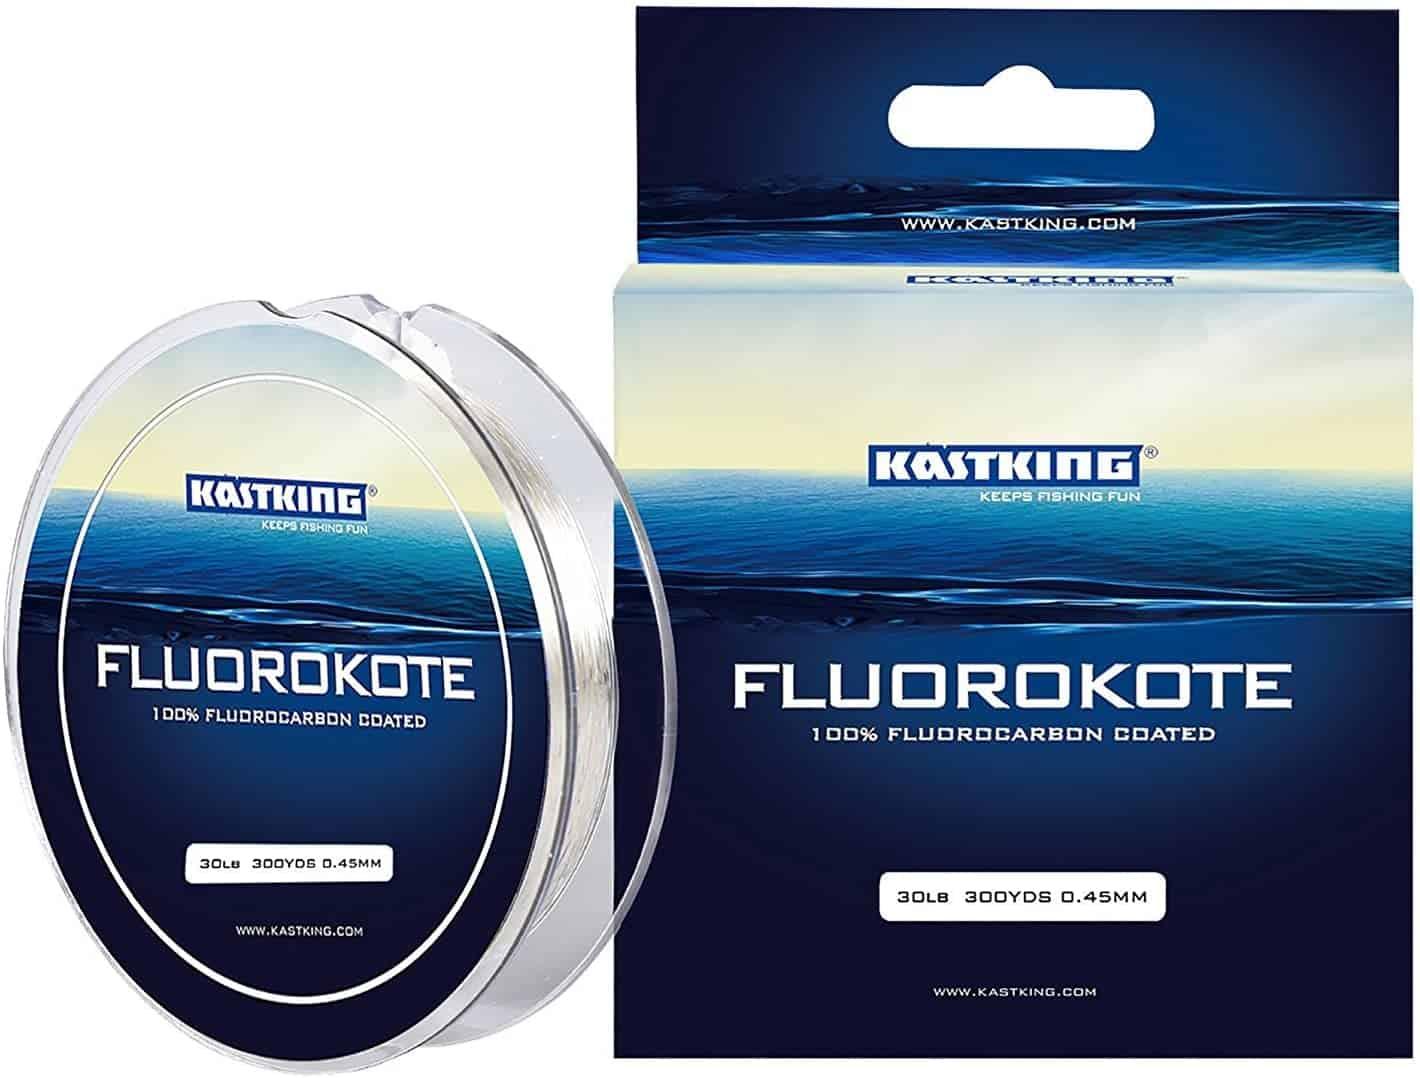 FluoroKote Fluorocarbon Fishing Line by KastKing